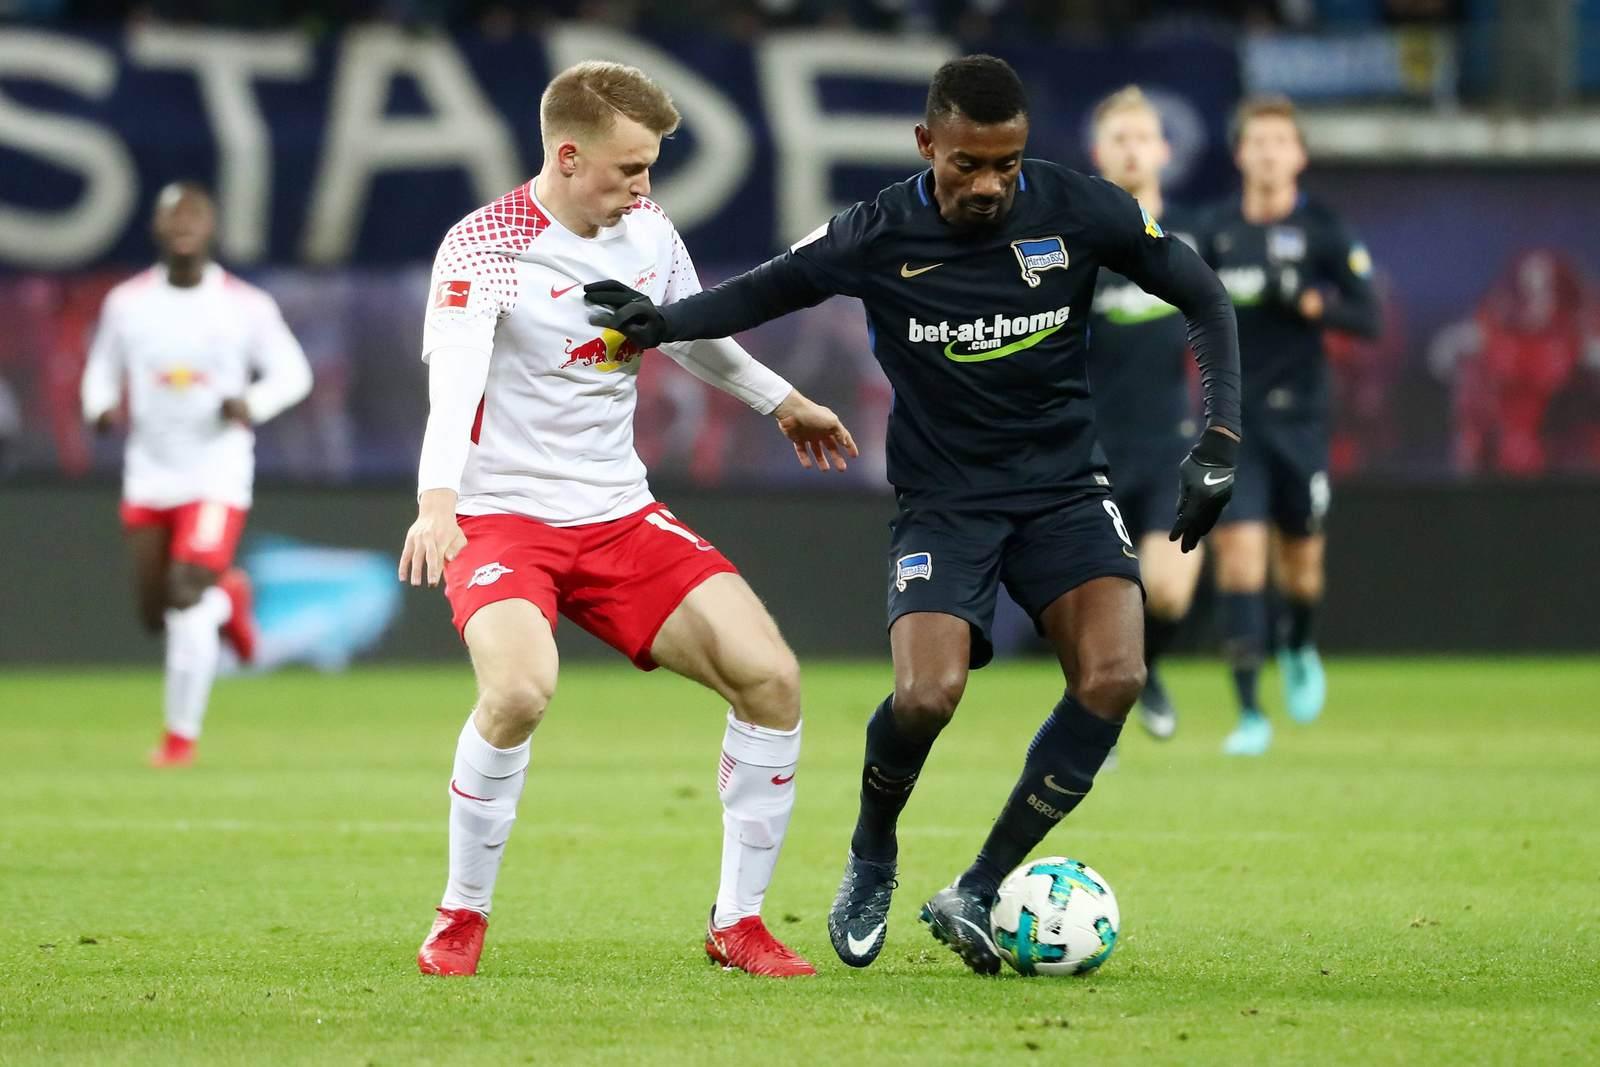 Salomon Kalou gegen Lukas Klostermann. Jetzt auf die Partie Hertha BSC gegen Red Bull Leipzig wetten